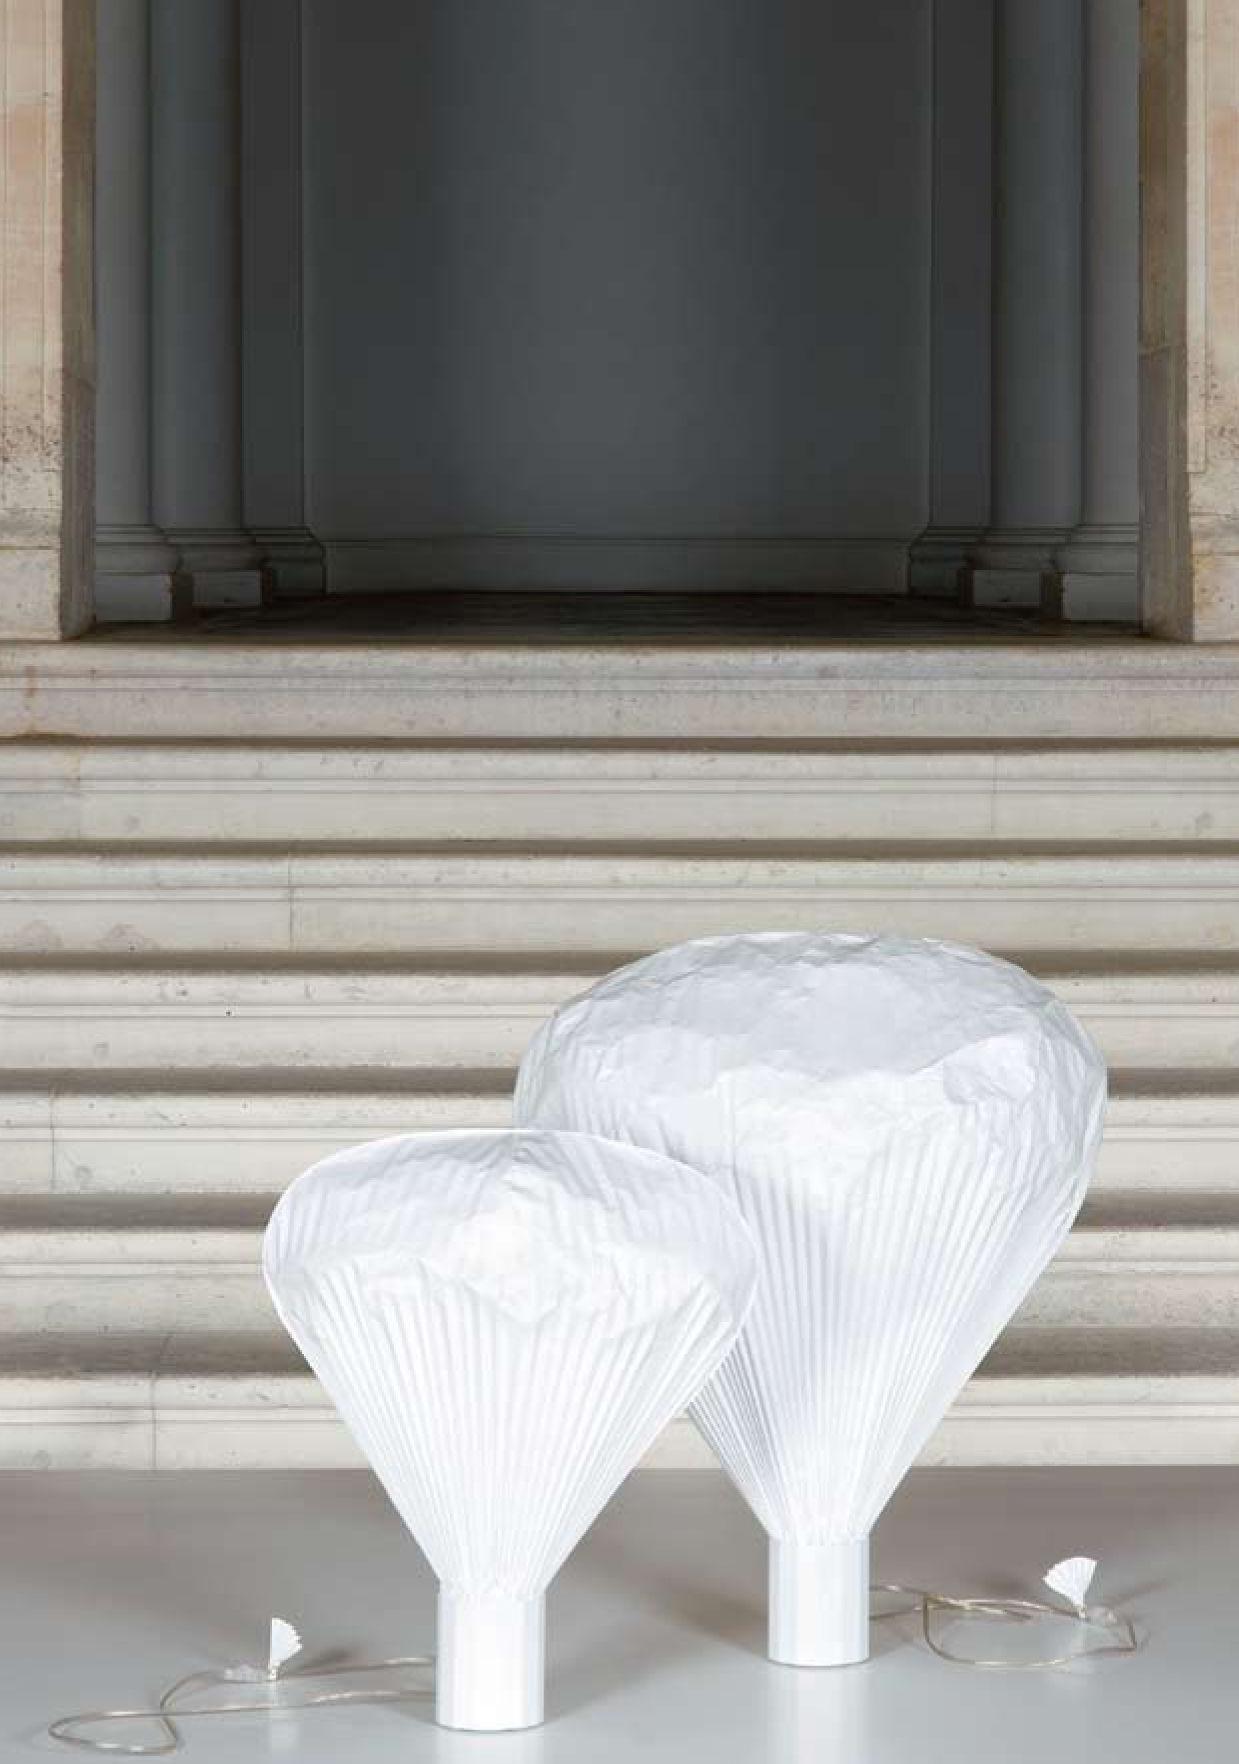 Lampe de sol vapeur h 85 cm h 85 cm blanc moustache for Table 85 cm de large